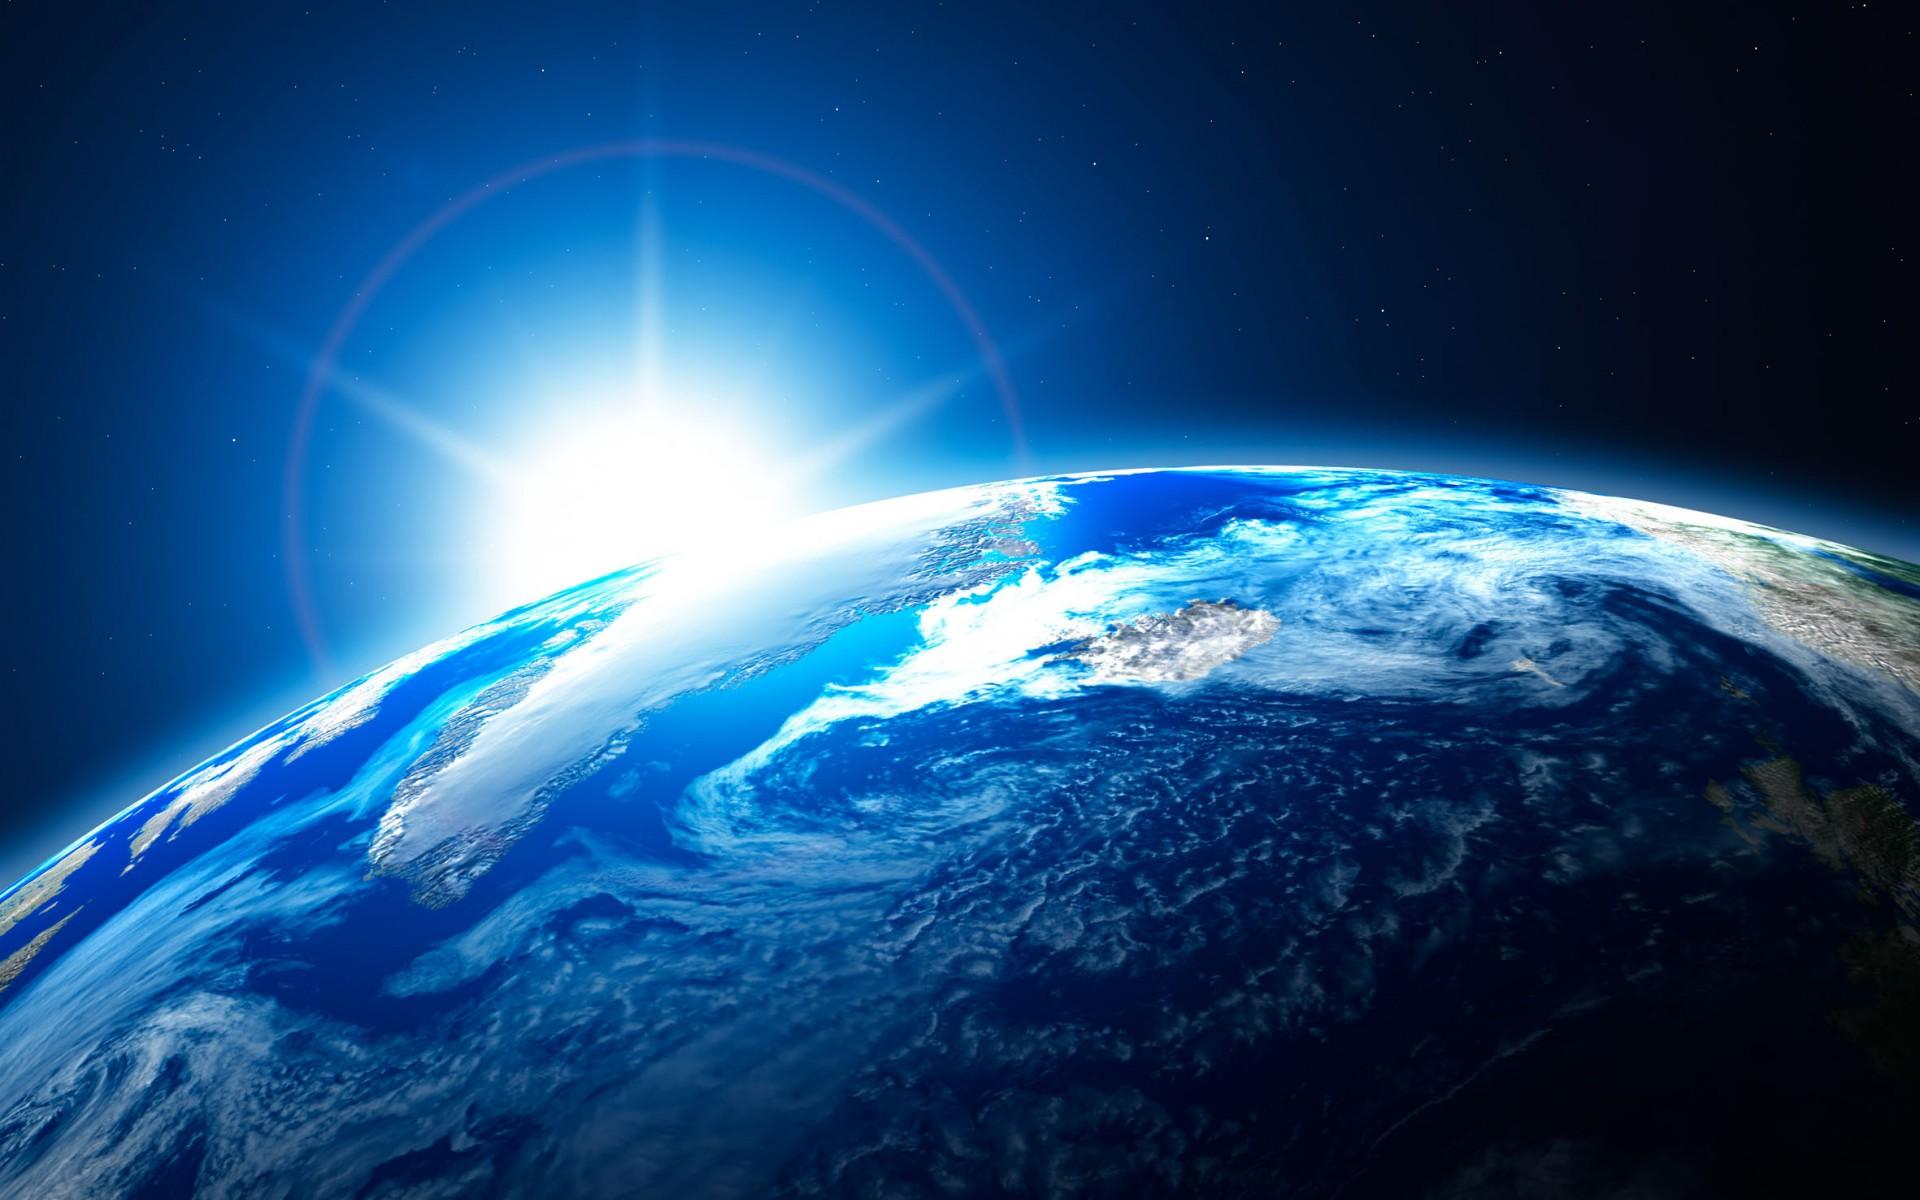 Обои Звездное небо над землей картинки на рабочий стол на тему Космос - скачать  № 1768299 бесплатно